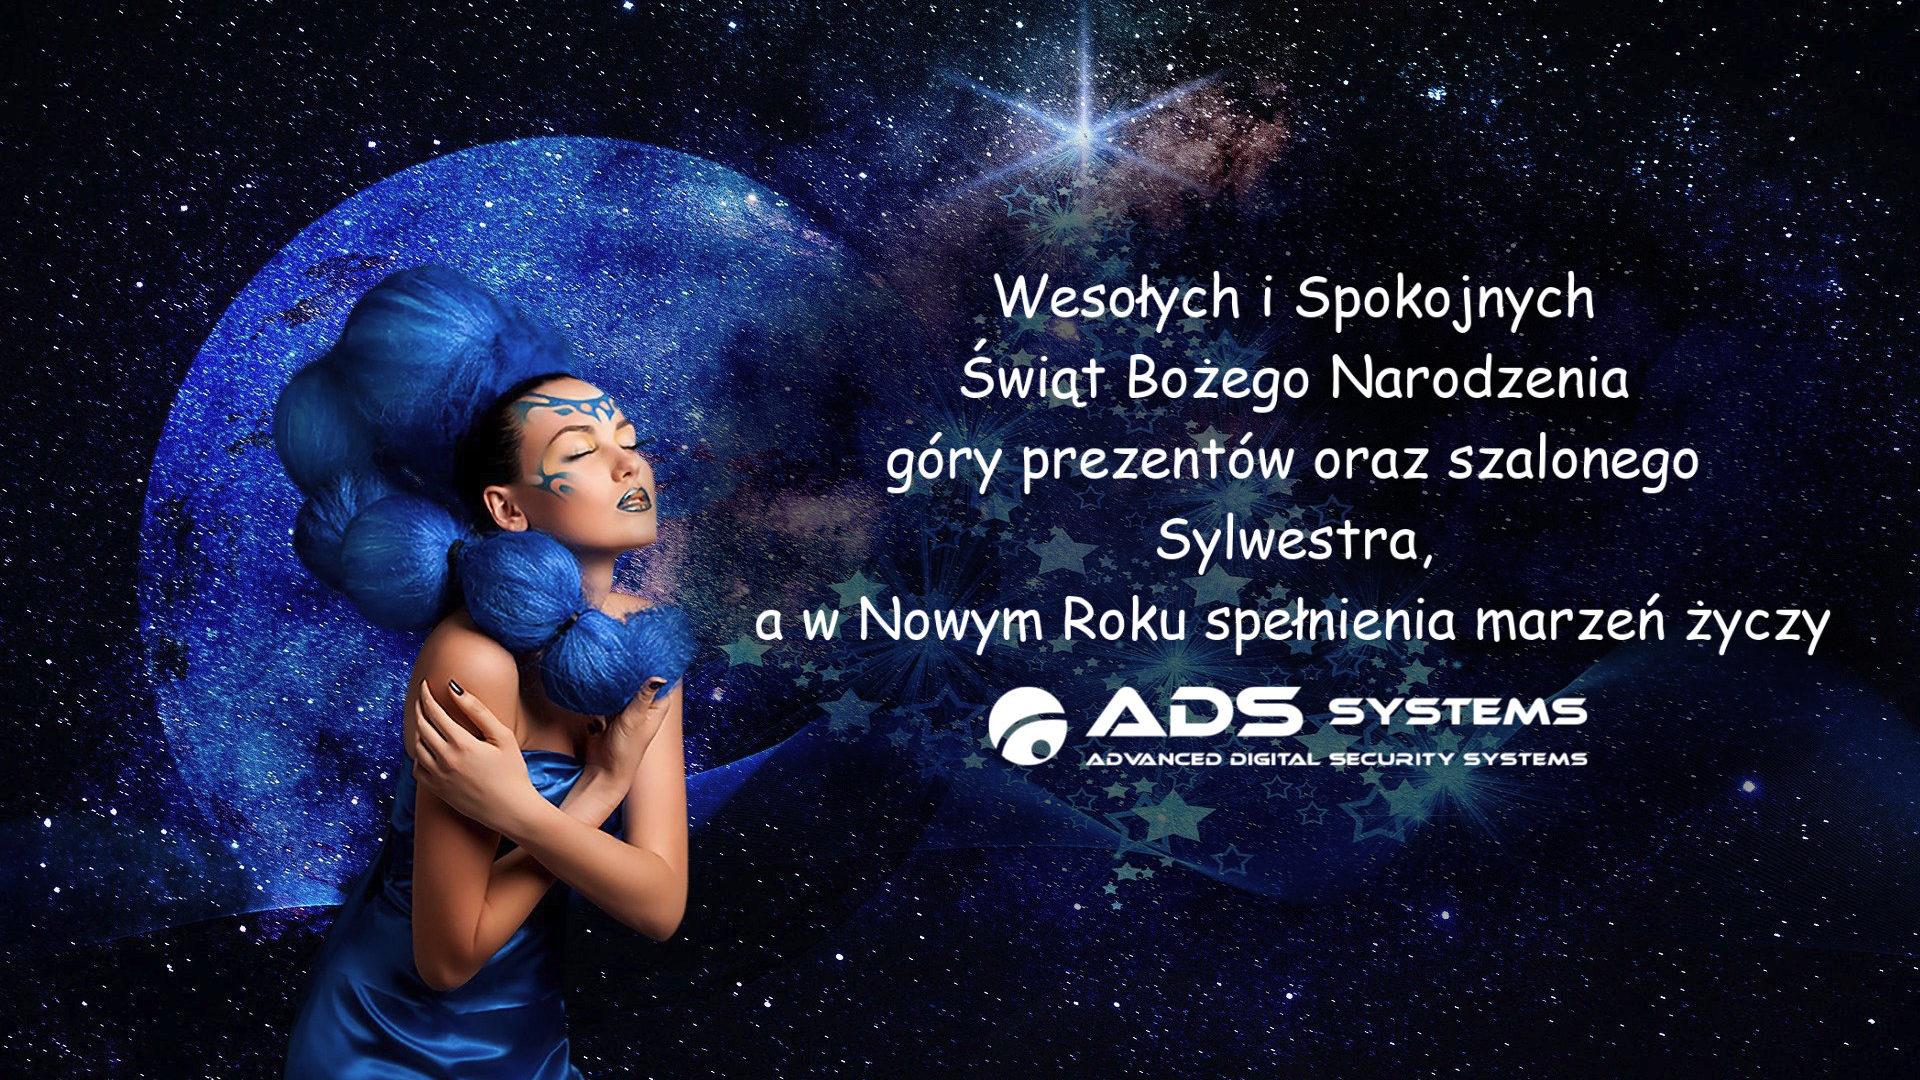 kartaka świąteczna ads systems